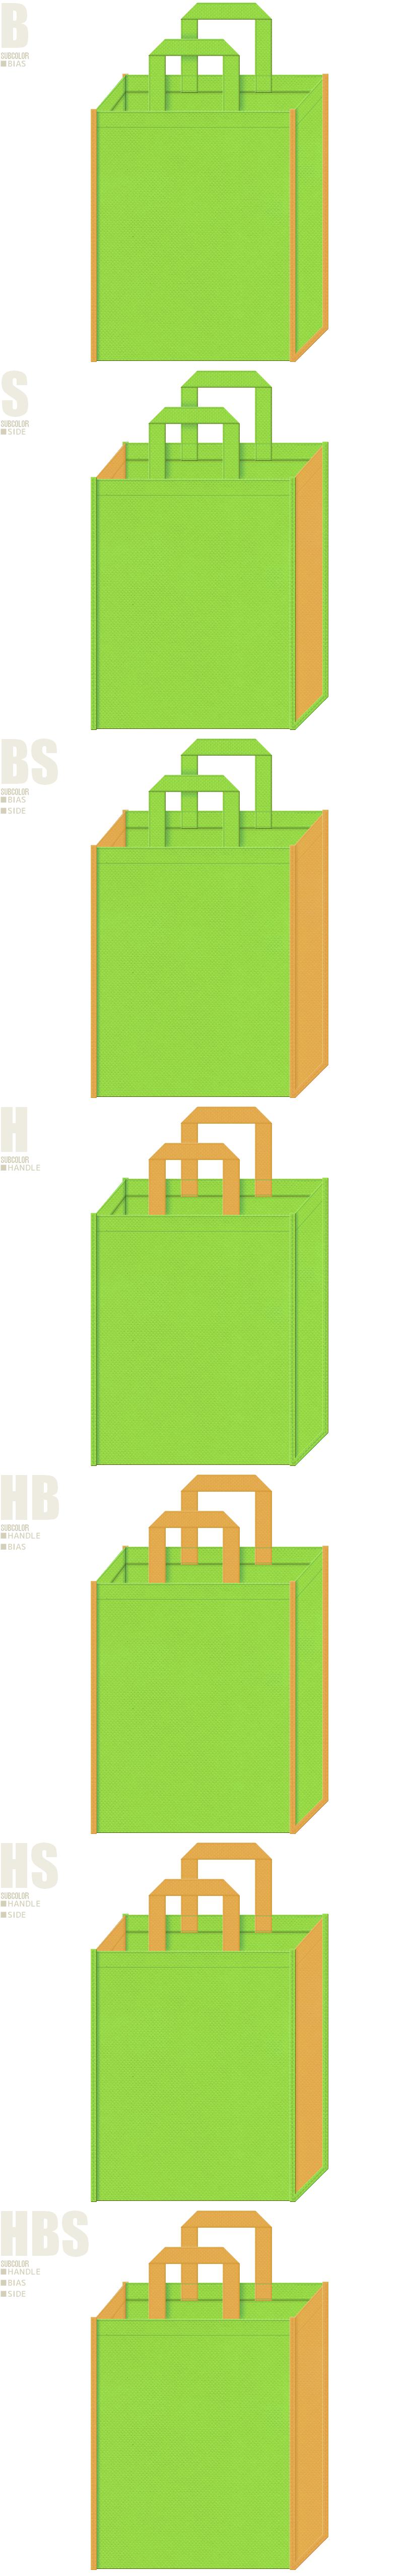 絵本・おとぎ話・酪農・農業・種苗・肥料・野菜・産直市場・牧場イベントにお奨めの不織布バッグデザイン:黄緑色と黄土色の配色7パターン